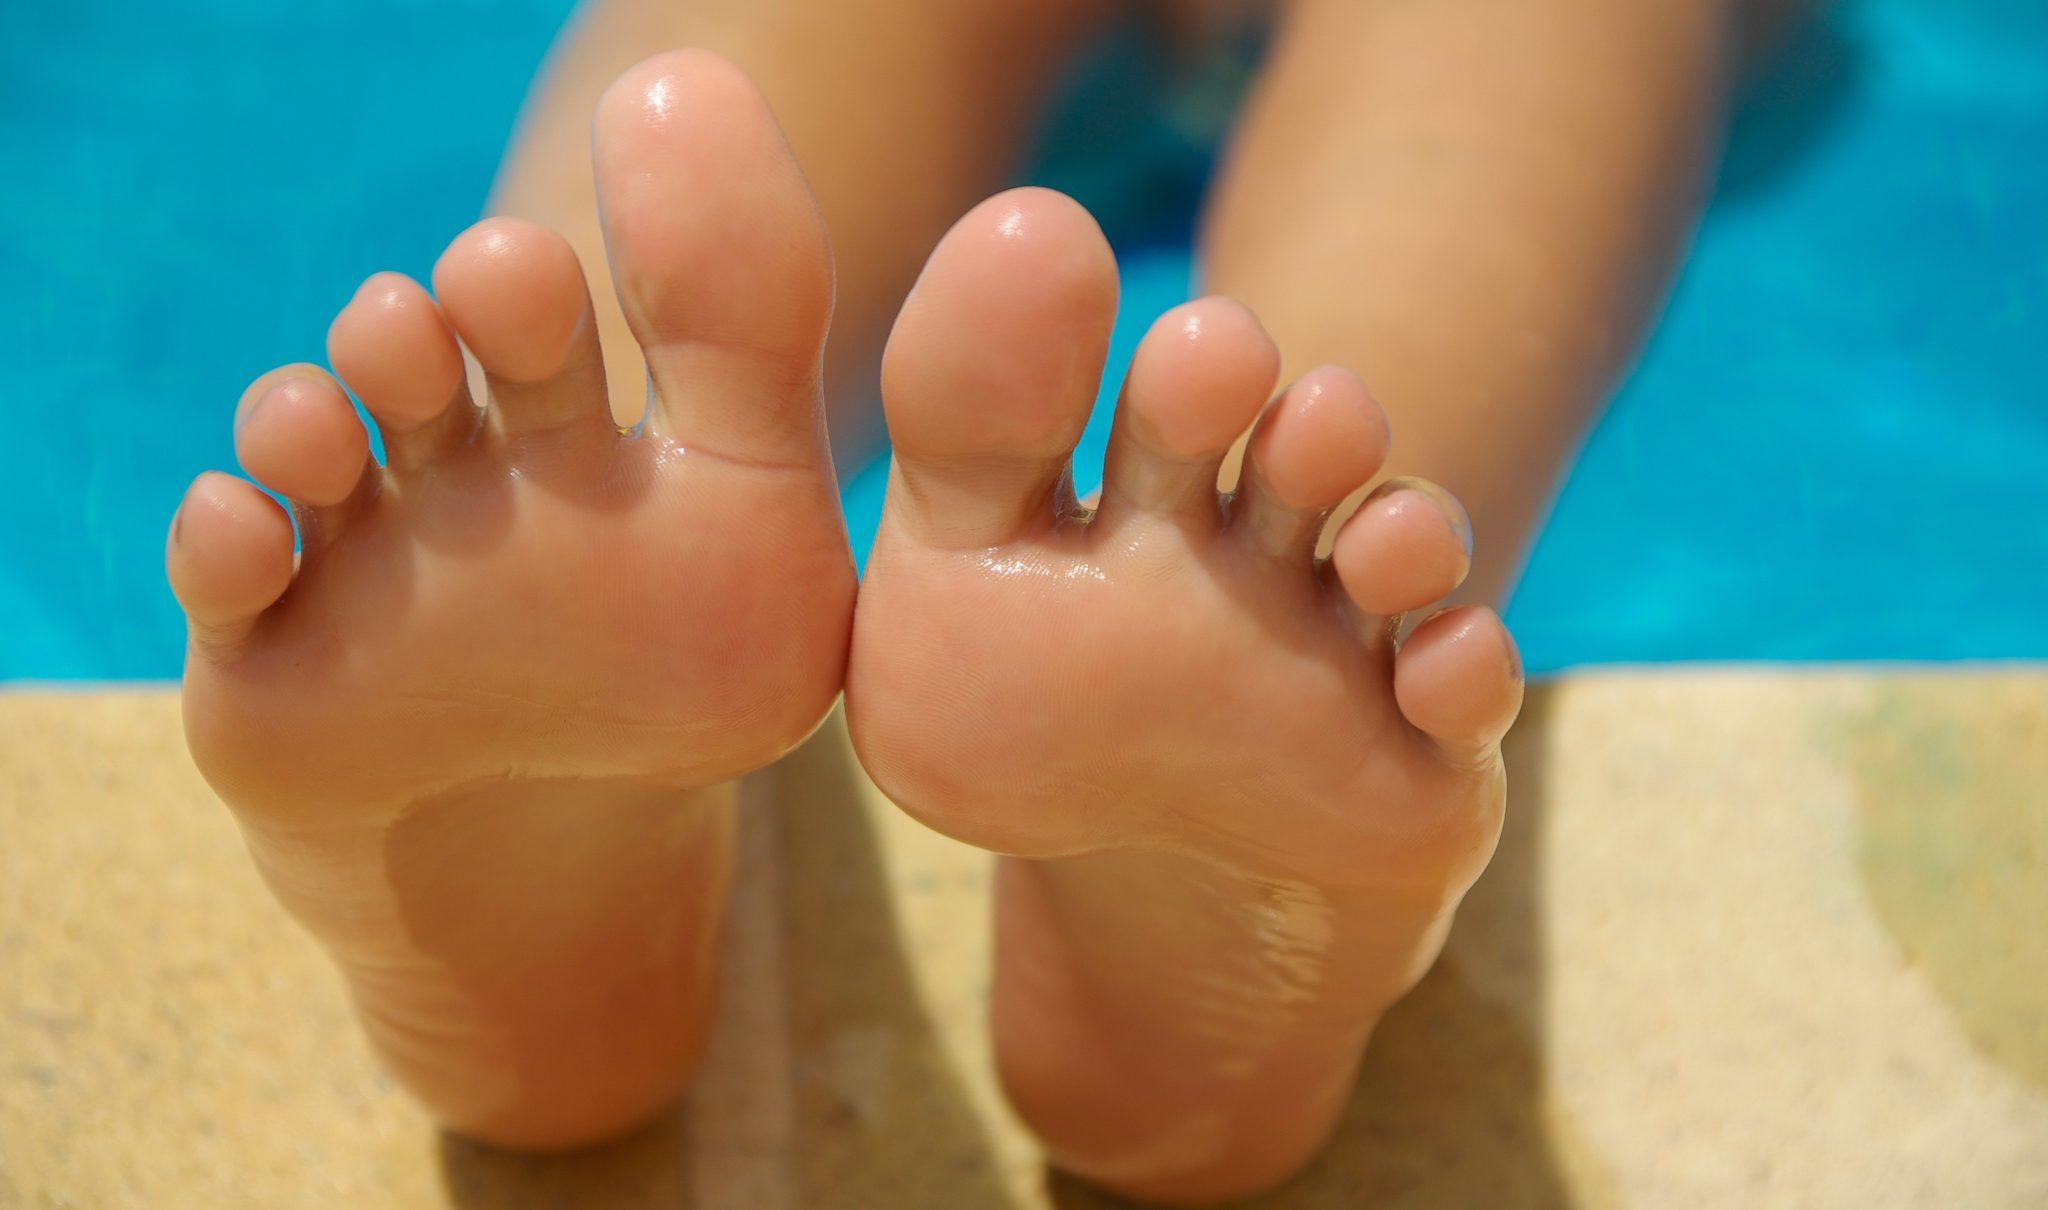 bosé nohy opřené o kamenný okraj bazénu. Osoba je ponořena do vody, ale nelze ji vidět. Na fotce jsou zobrazeny jen chodidla a část lýtek